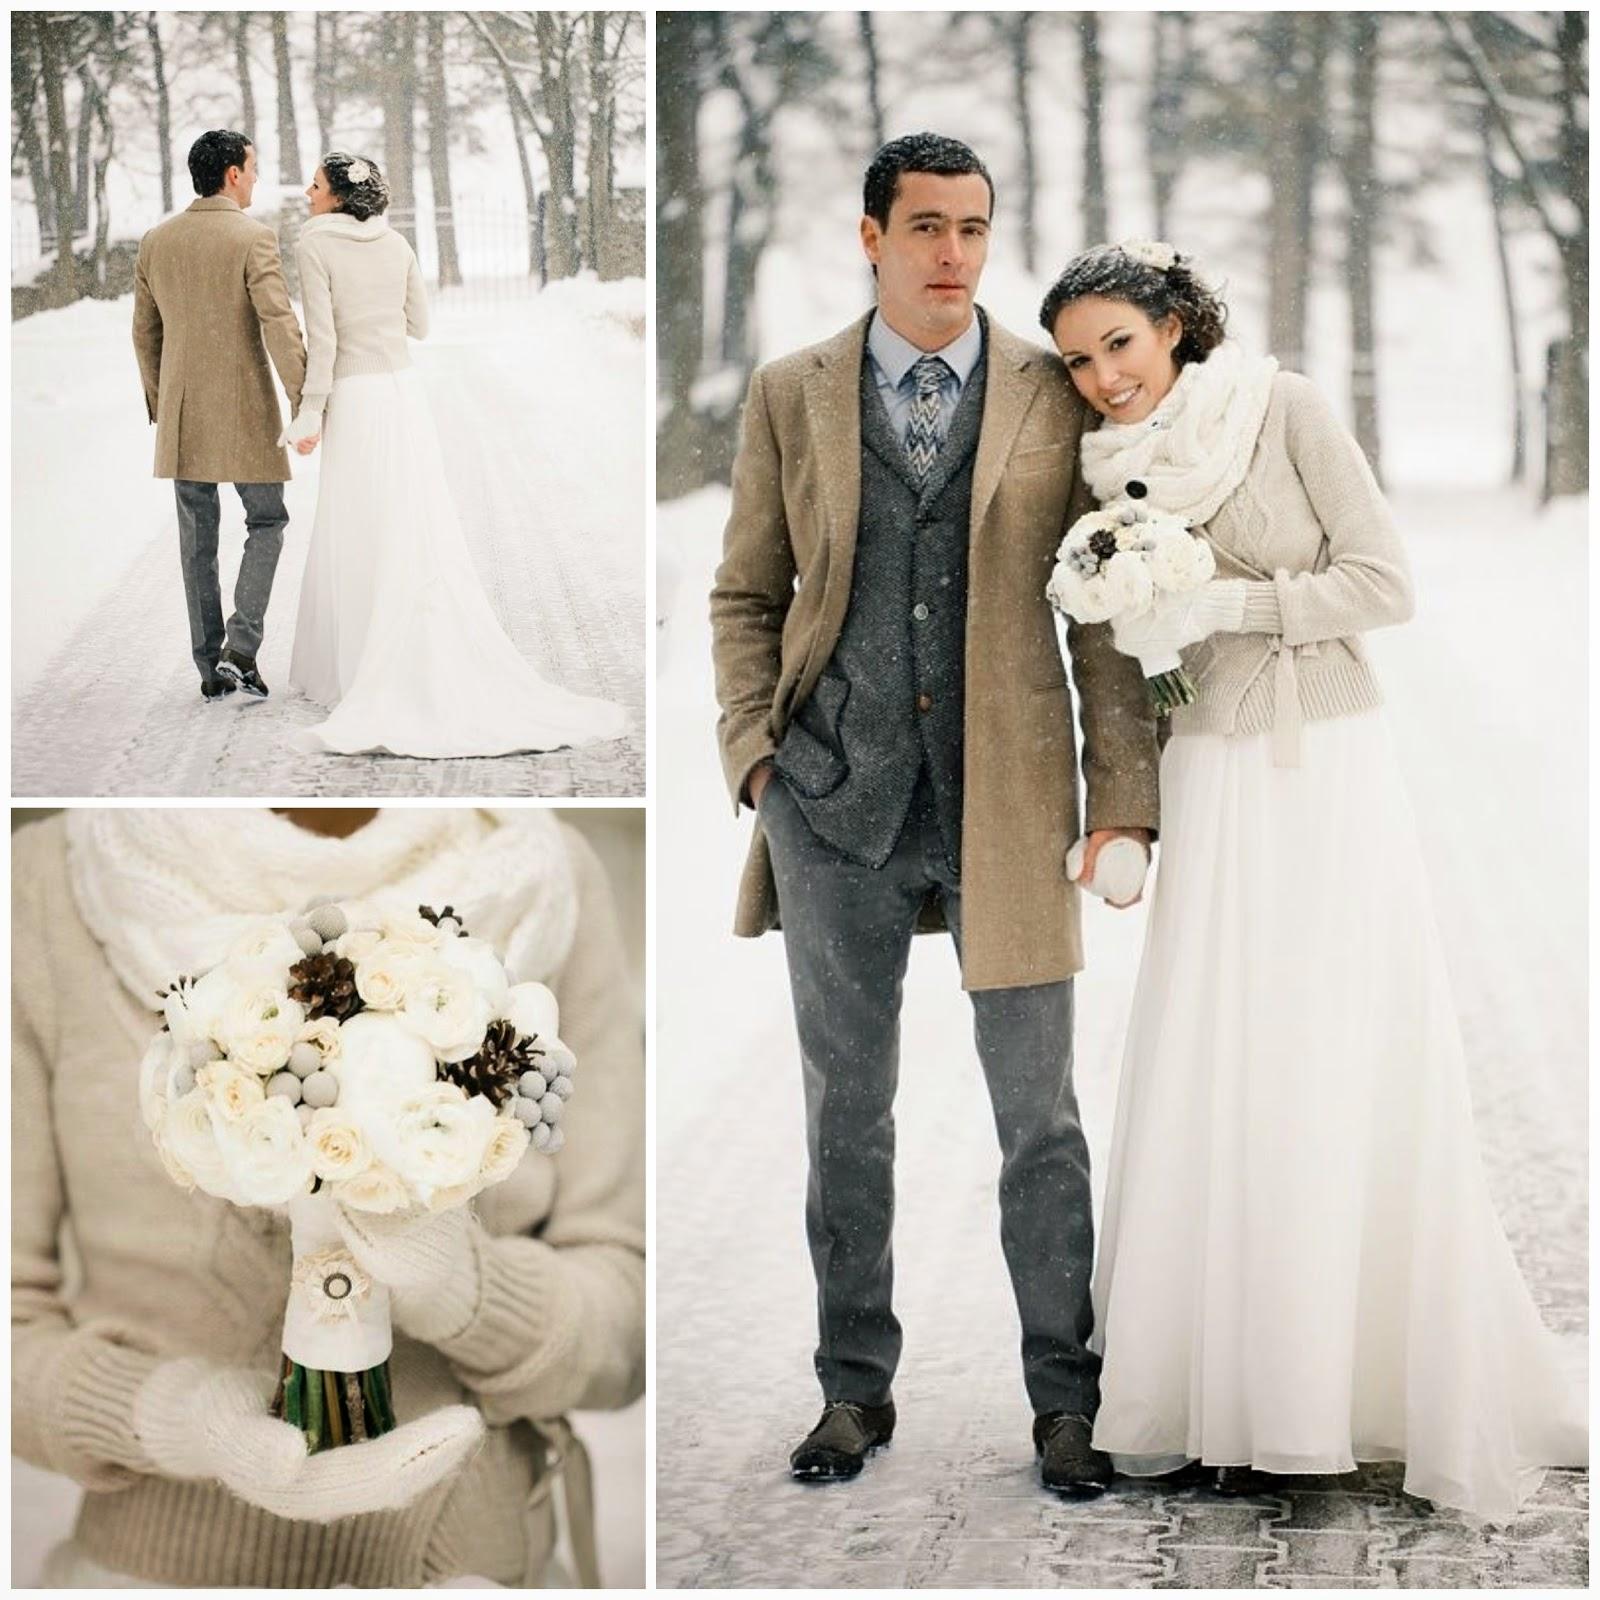 Идеи для свадьбы зимой оформление 11